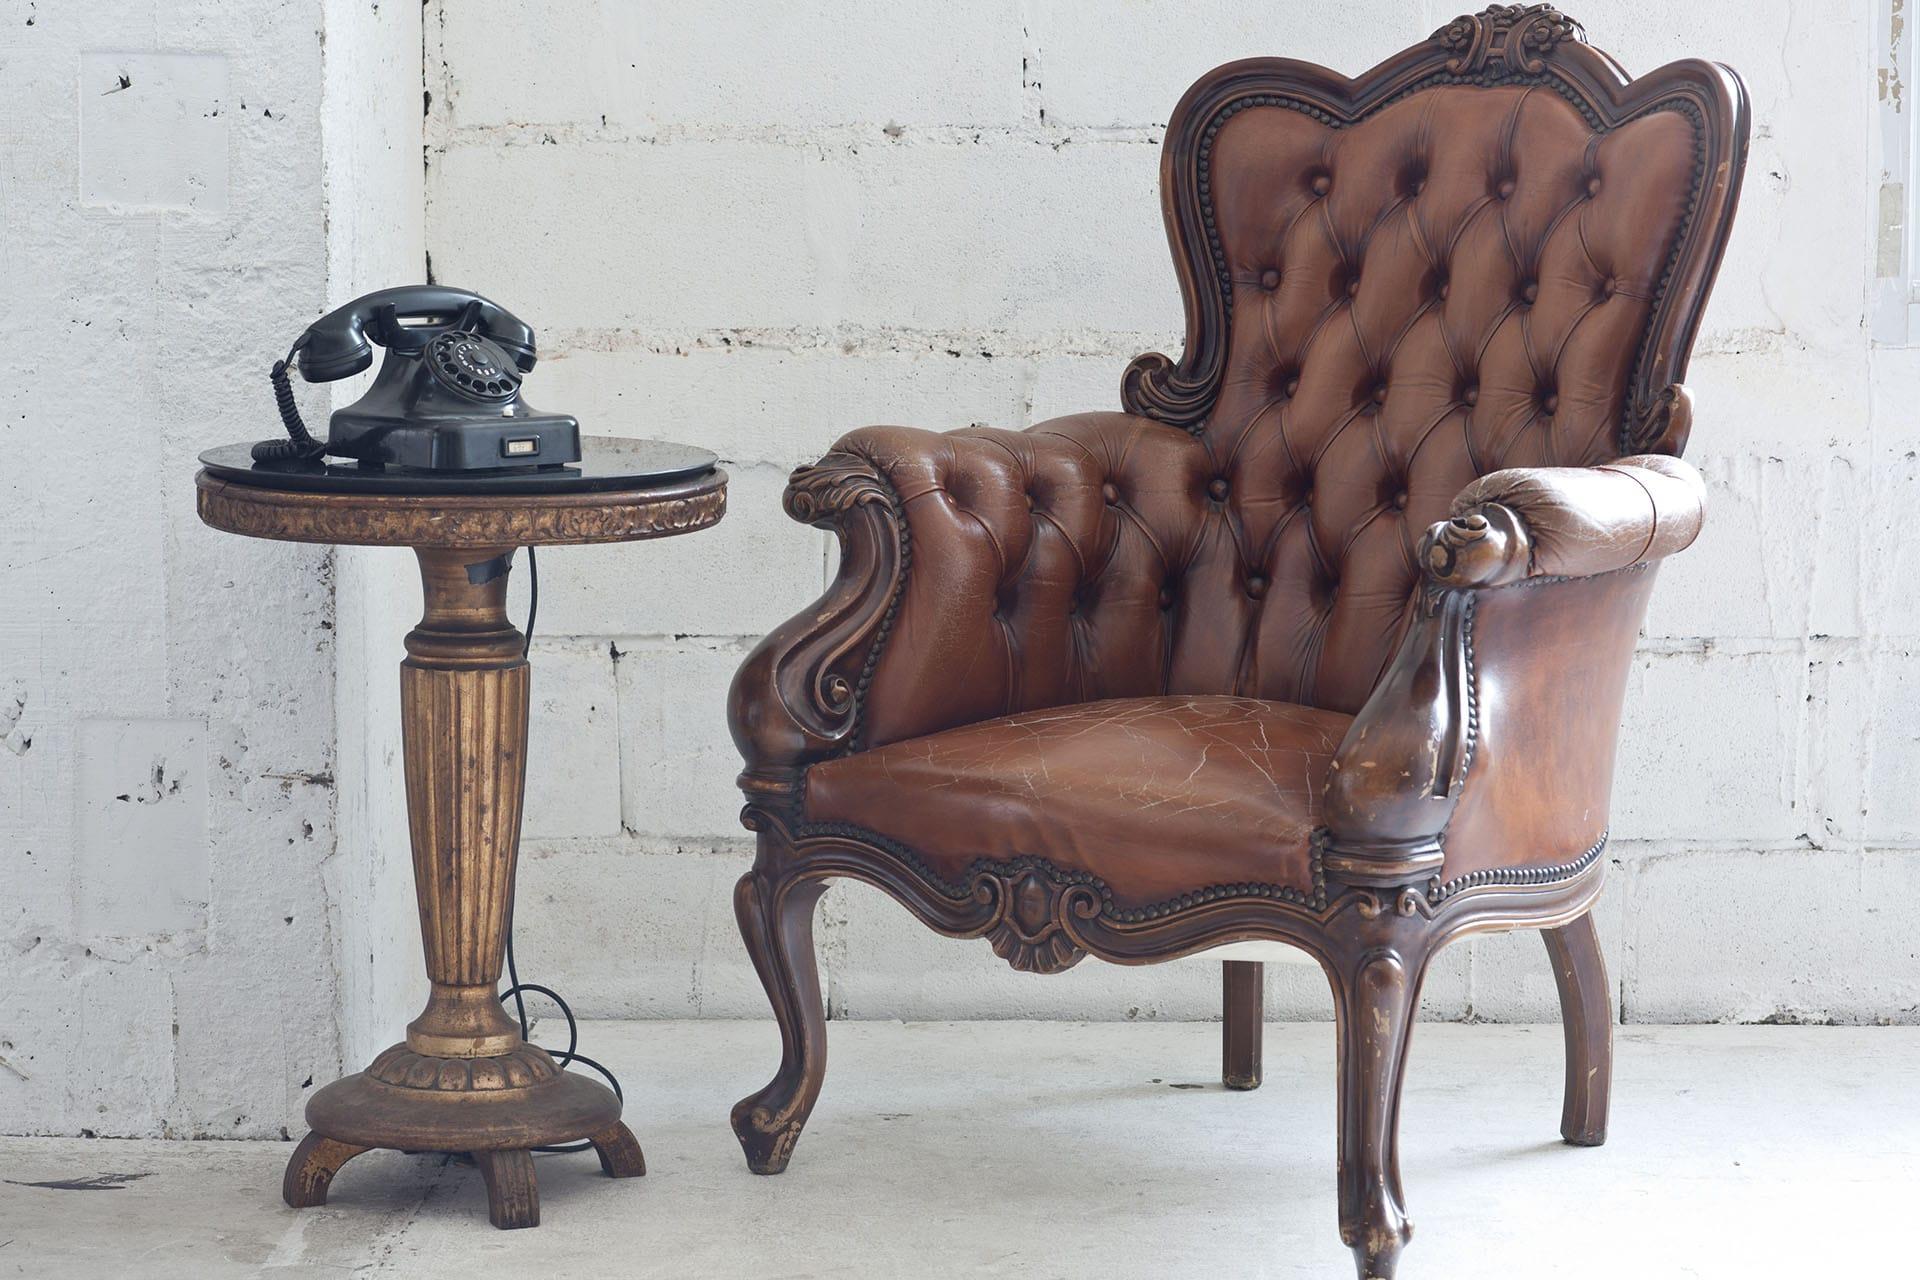 Brauner alter Sessel mit Telefon-Tischchen - Kontakt - artivo, Köflach, © stock.adobe.com